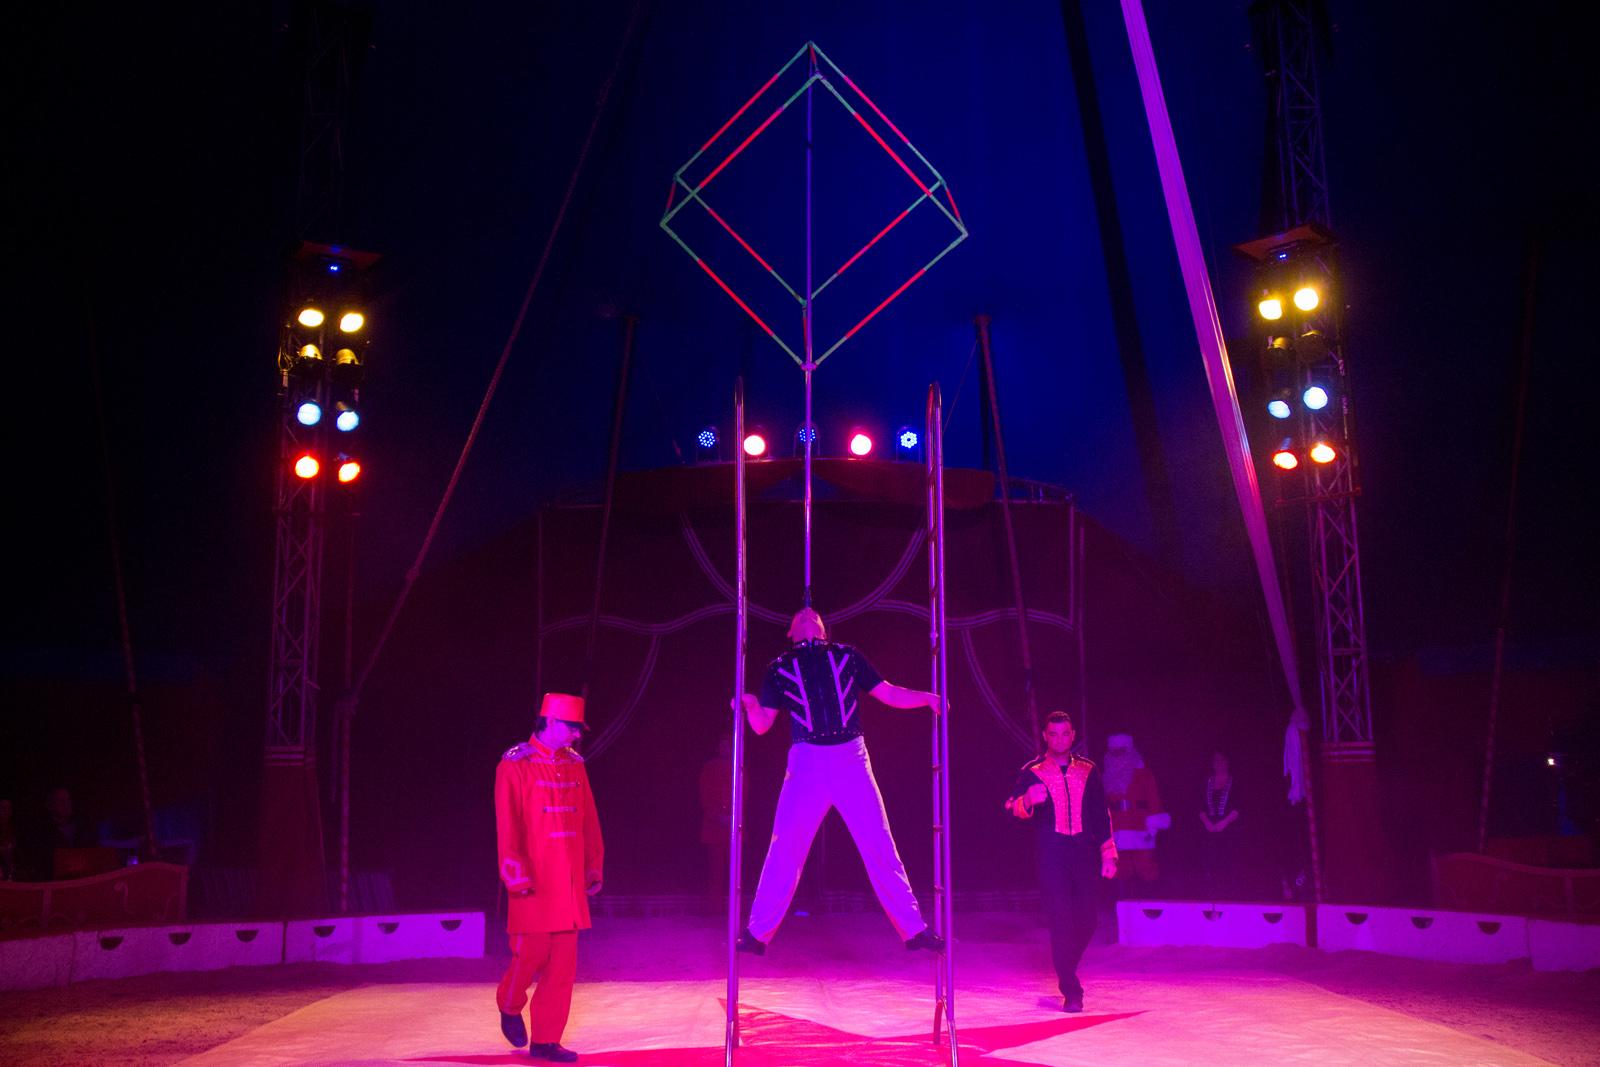 Circus Humberto Preise